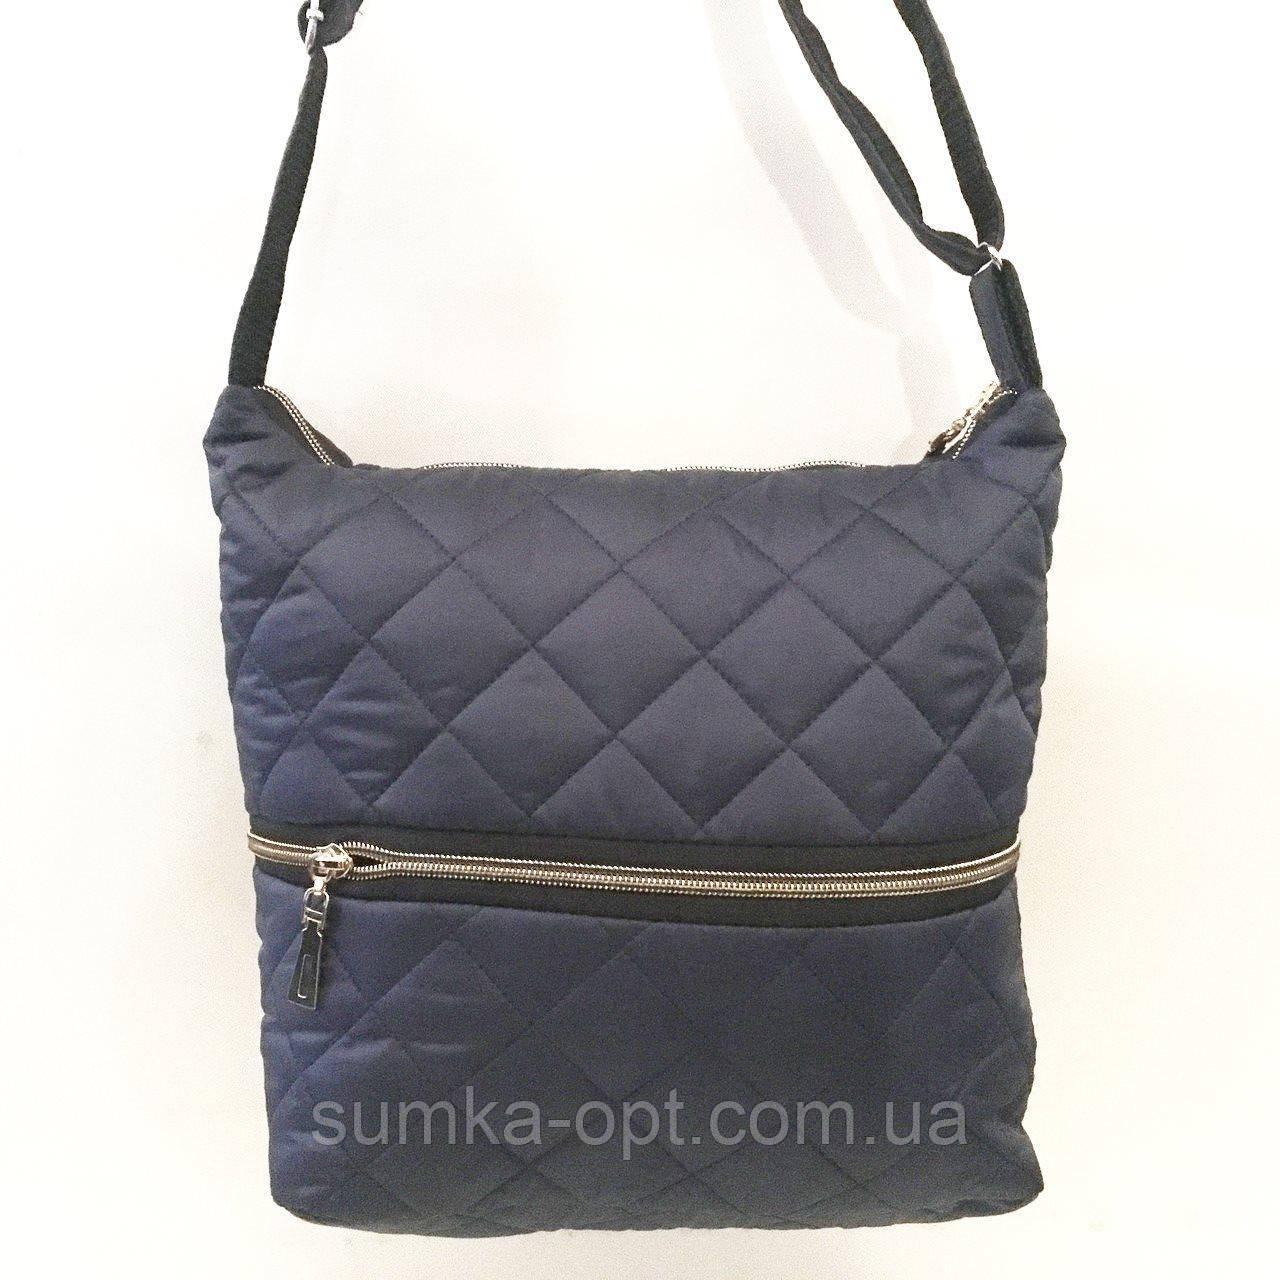 Женские стеганные сумки дешево опт до 100грн (синий)25*27см